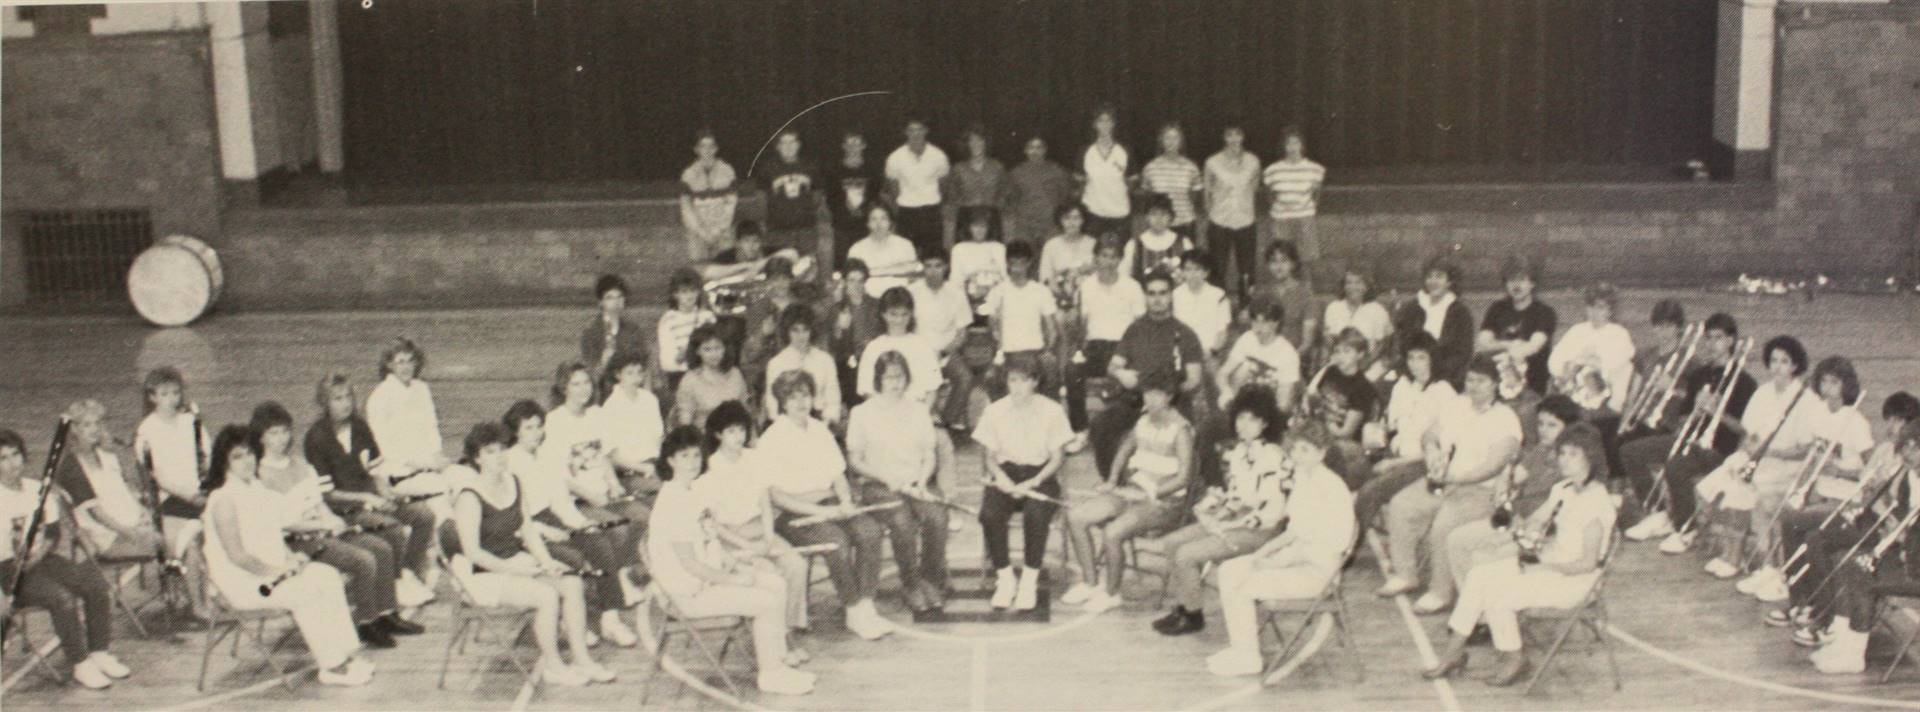 1987 Band